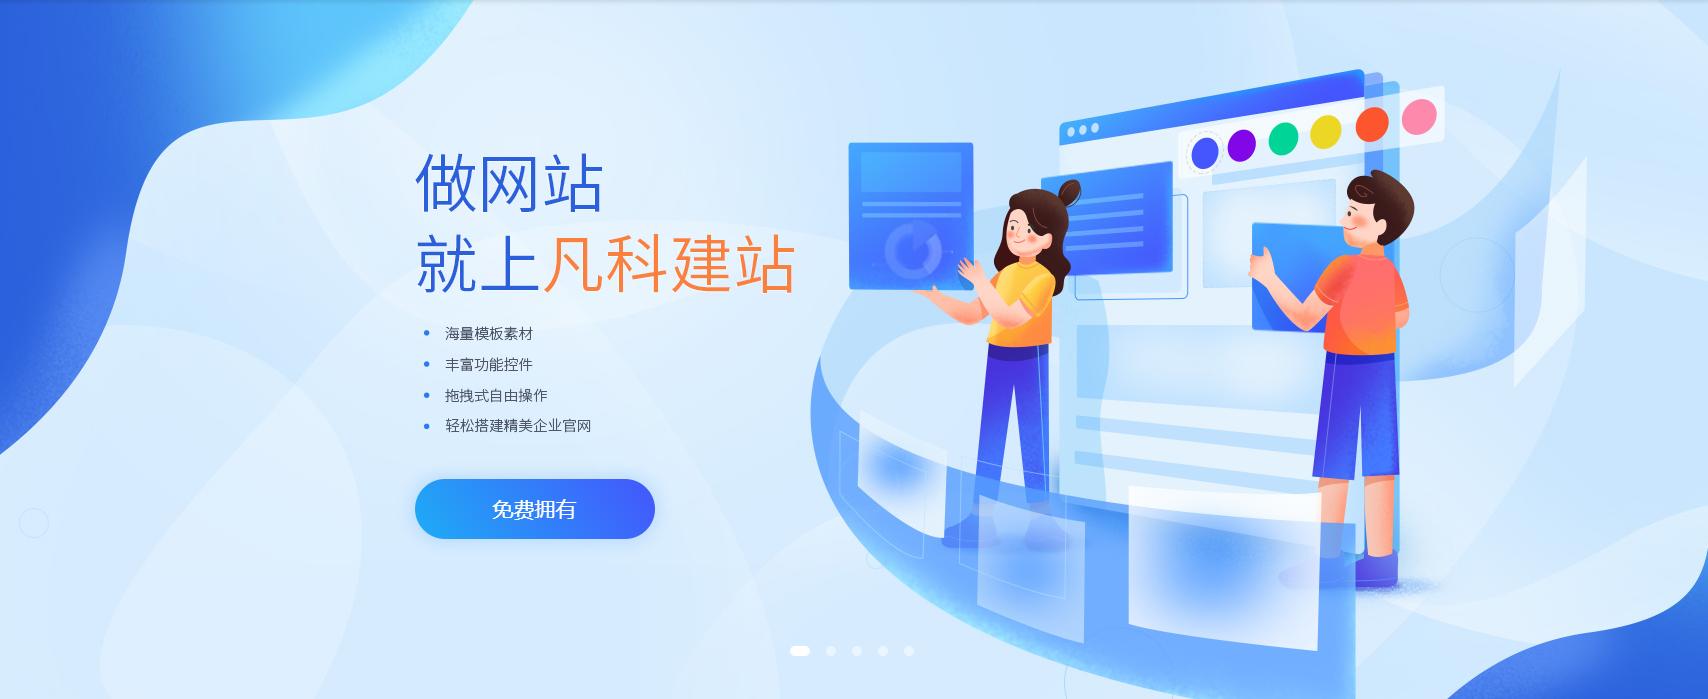 企业网站建设的logo设计